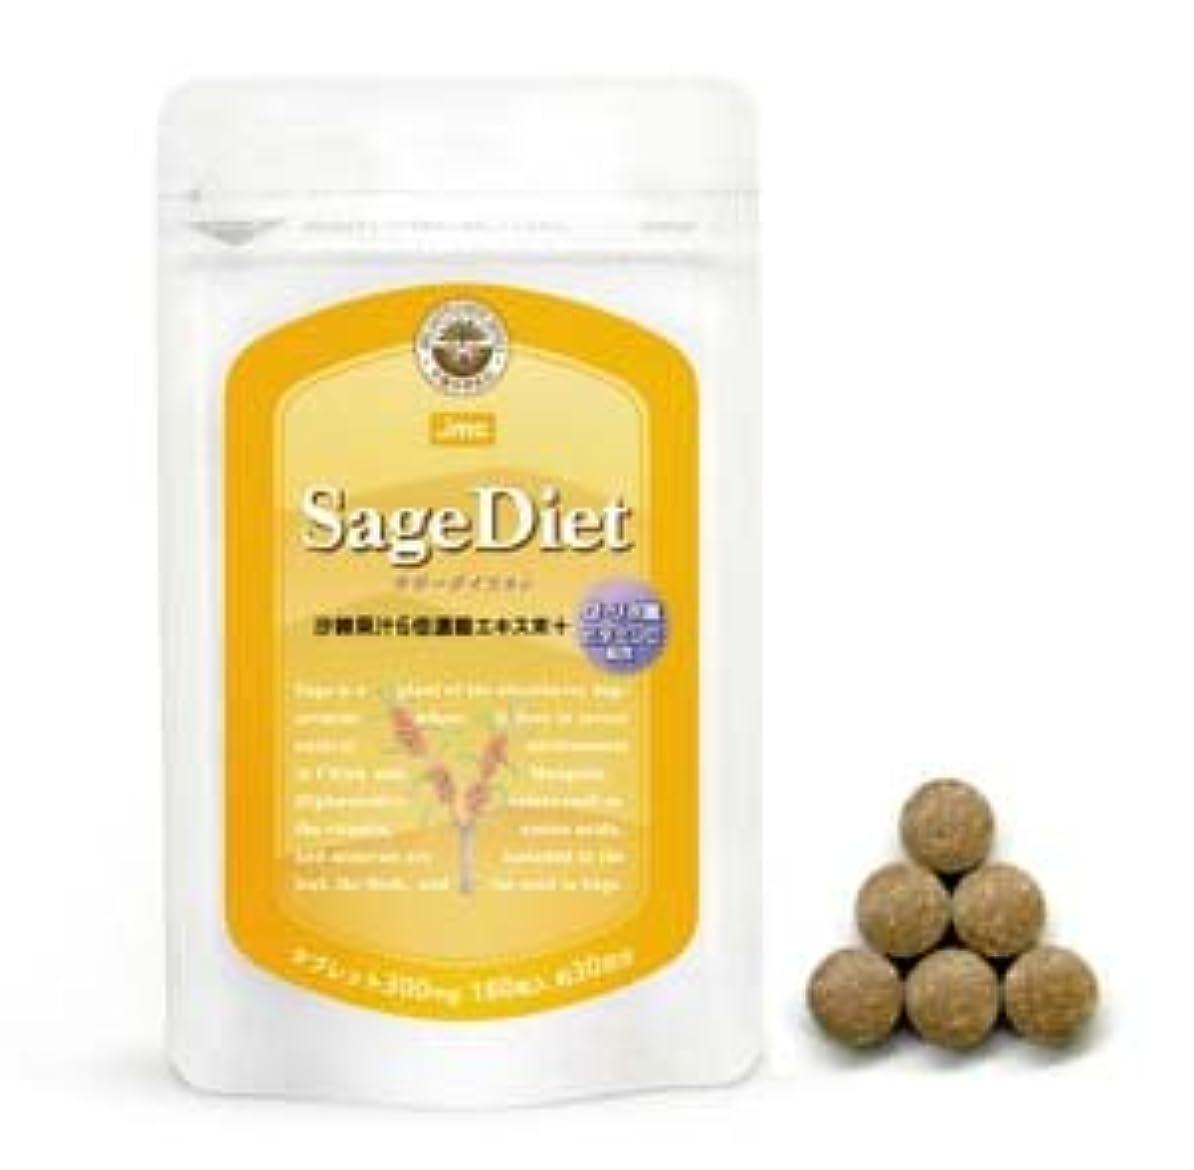 パスタ耳ひまわりジェイエムシー Sage Diet(サジーダイエット)  300mg×180粒